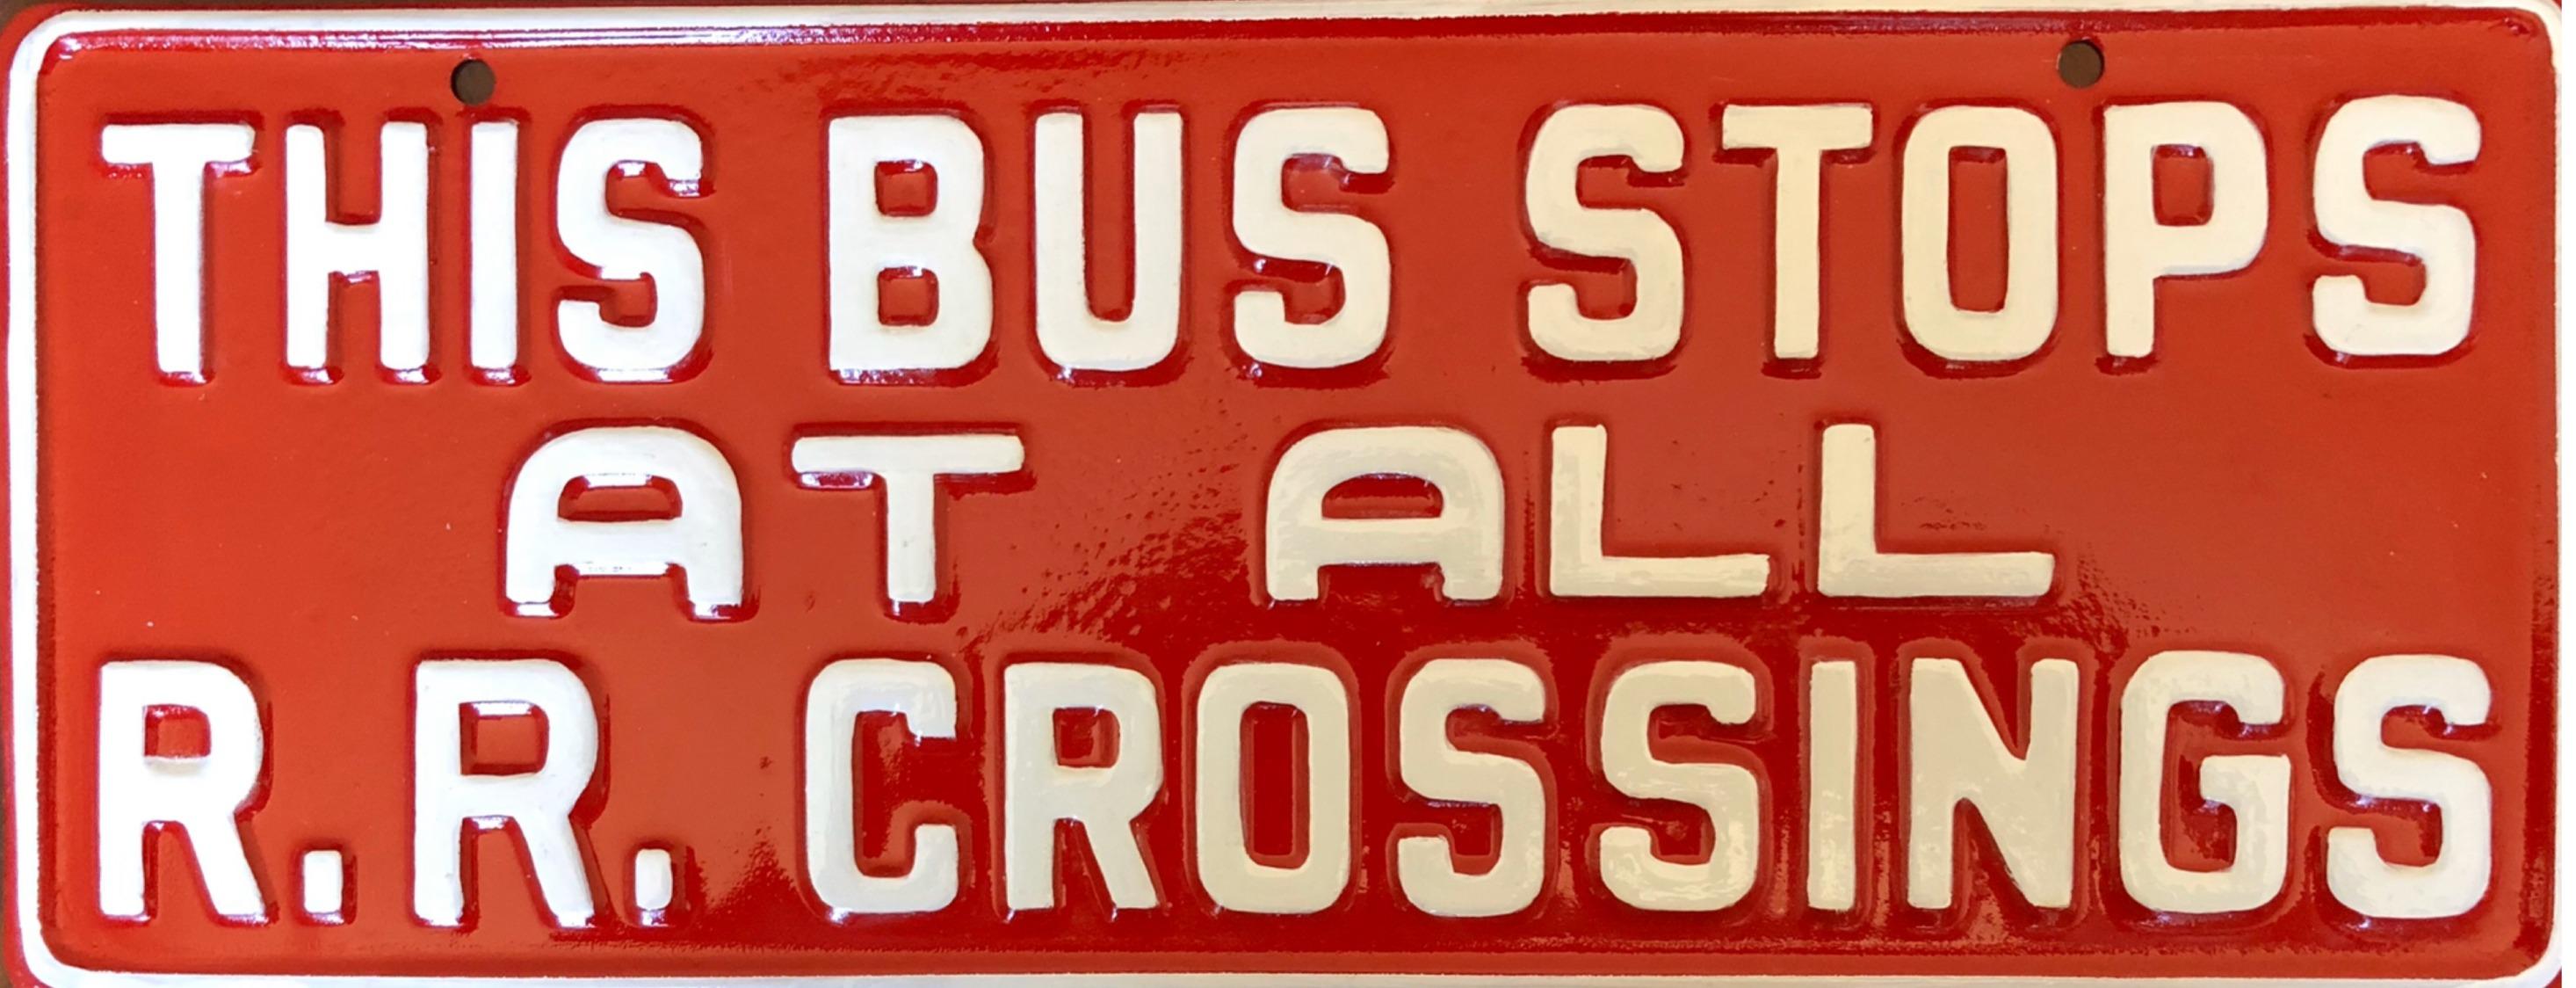 1950s Schoolbus Sign